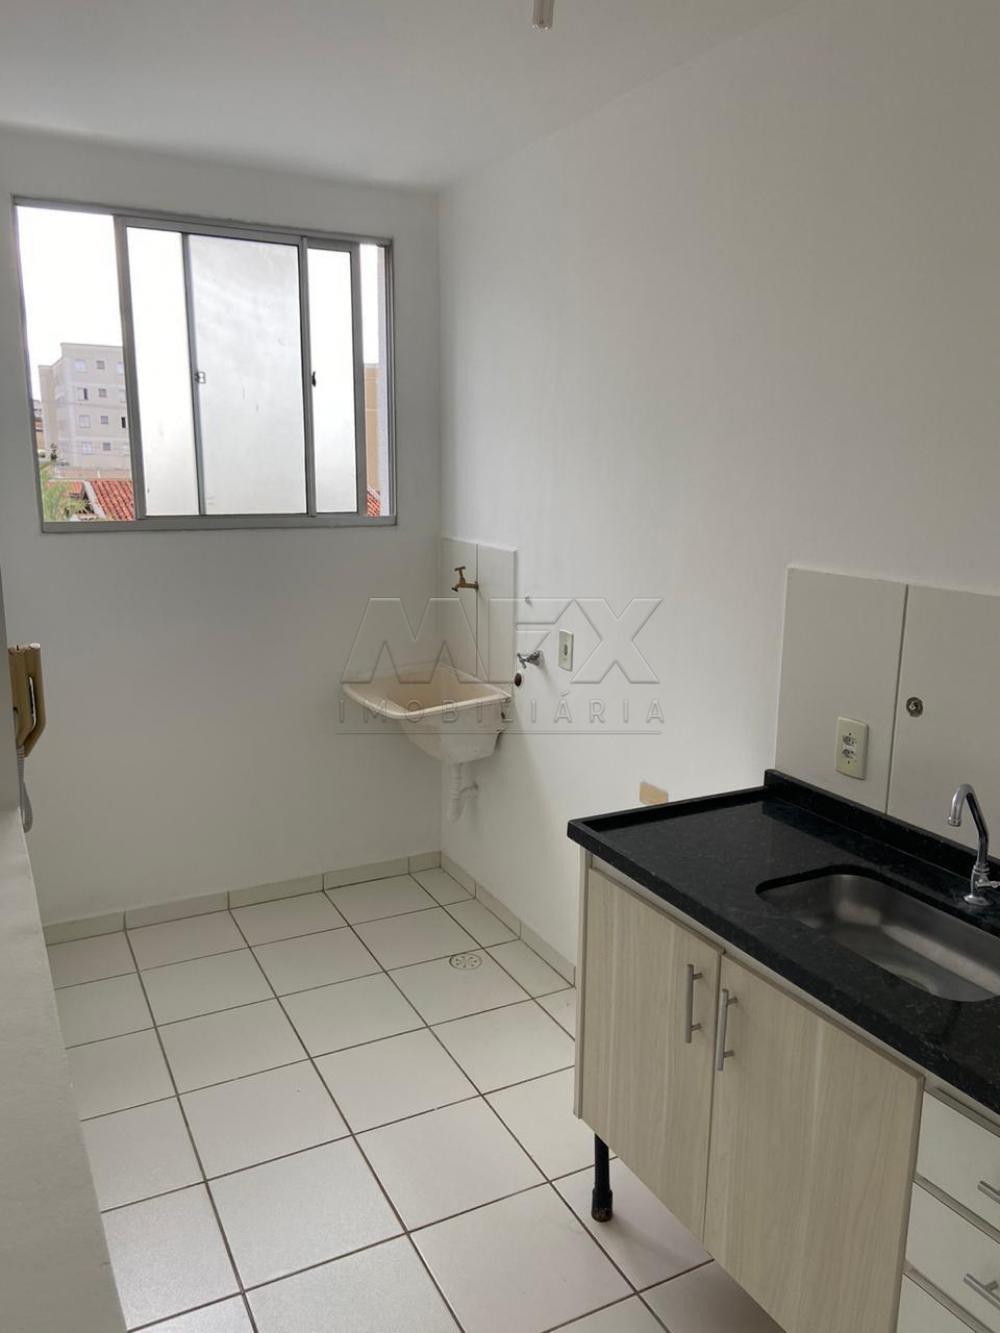 Comprar Apartamento / Padrão em Bauru apenas R$ 139.000,00 - Foto 3